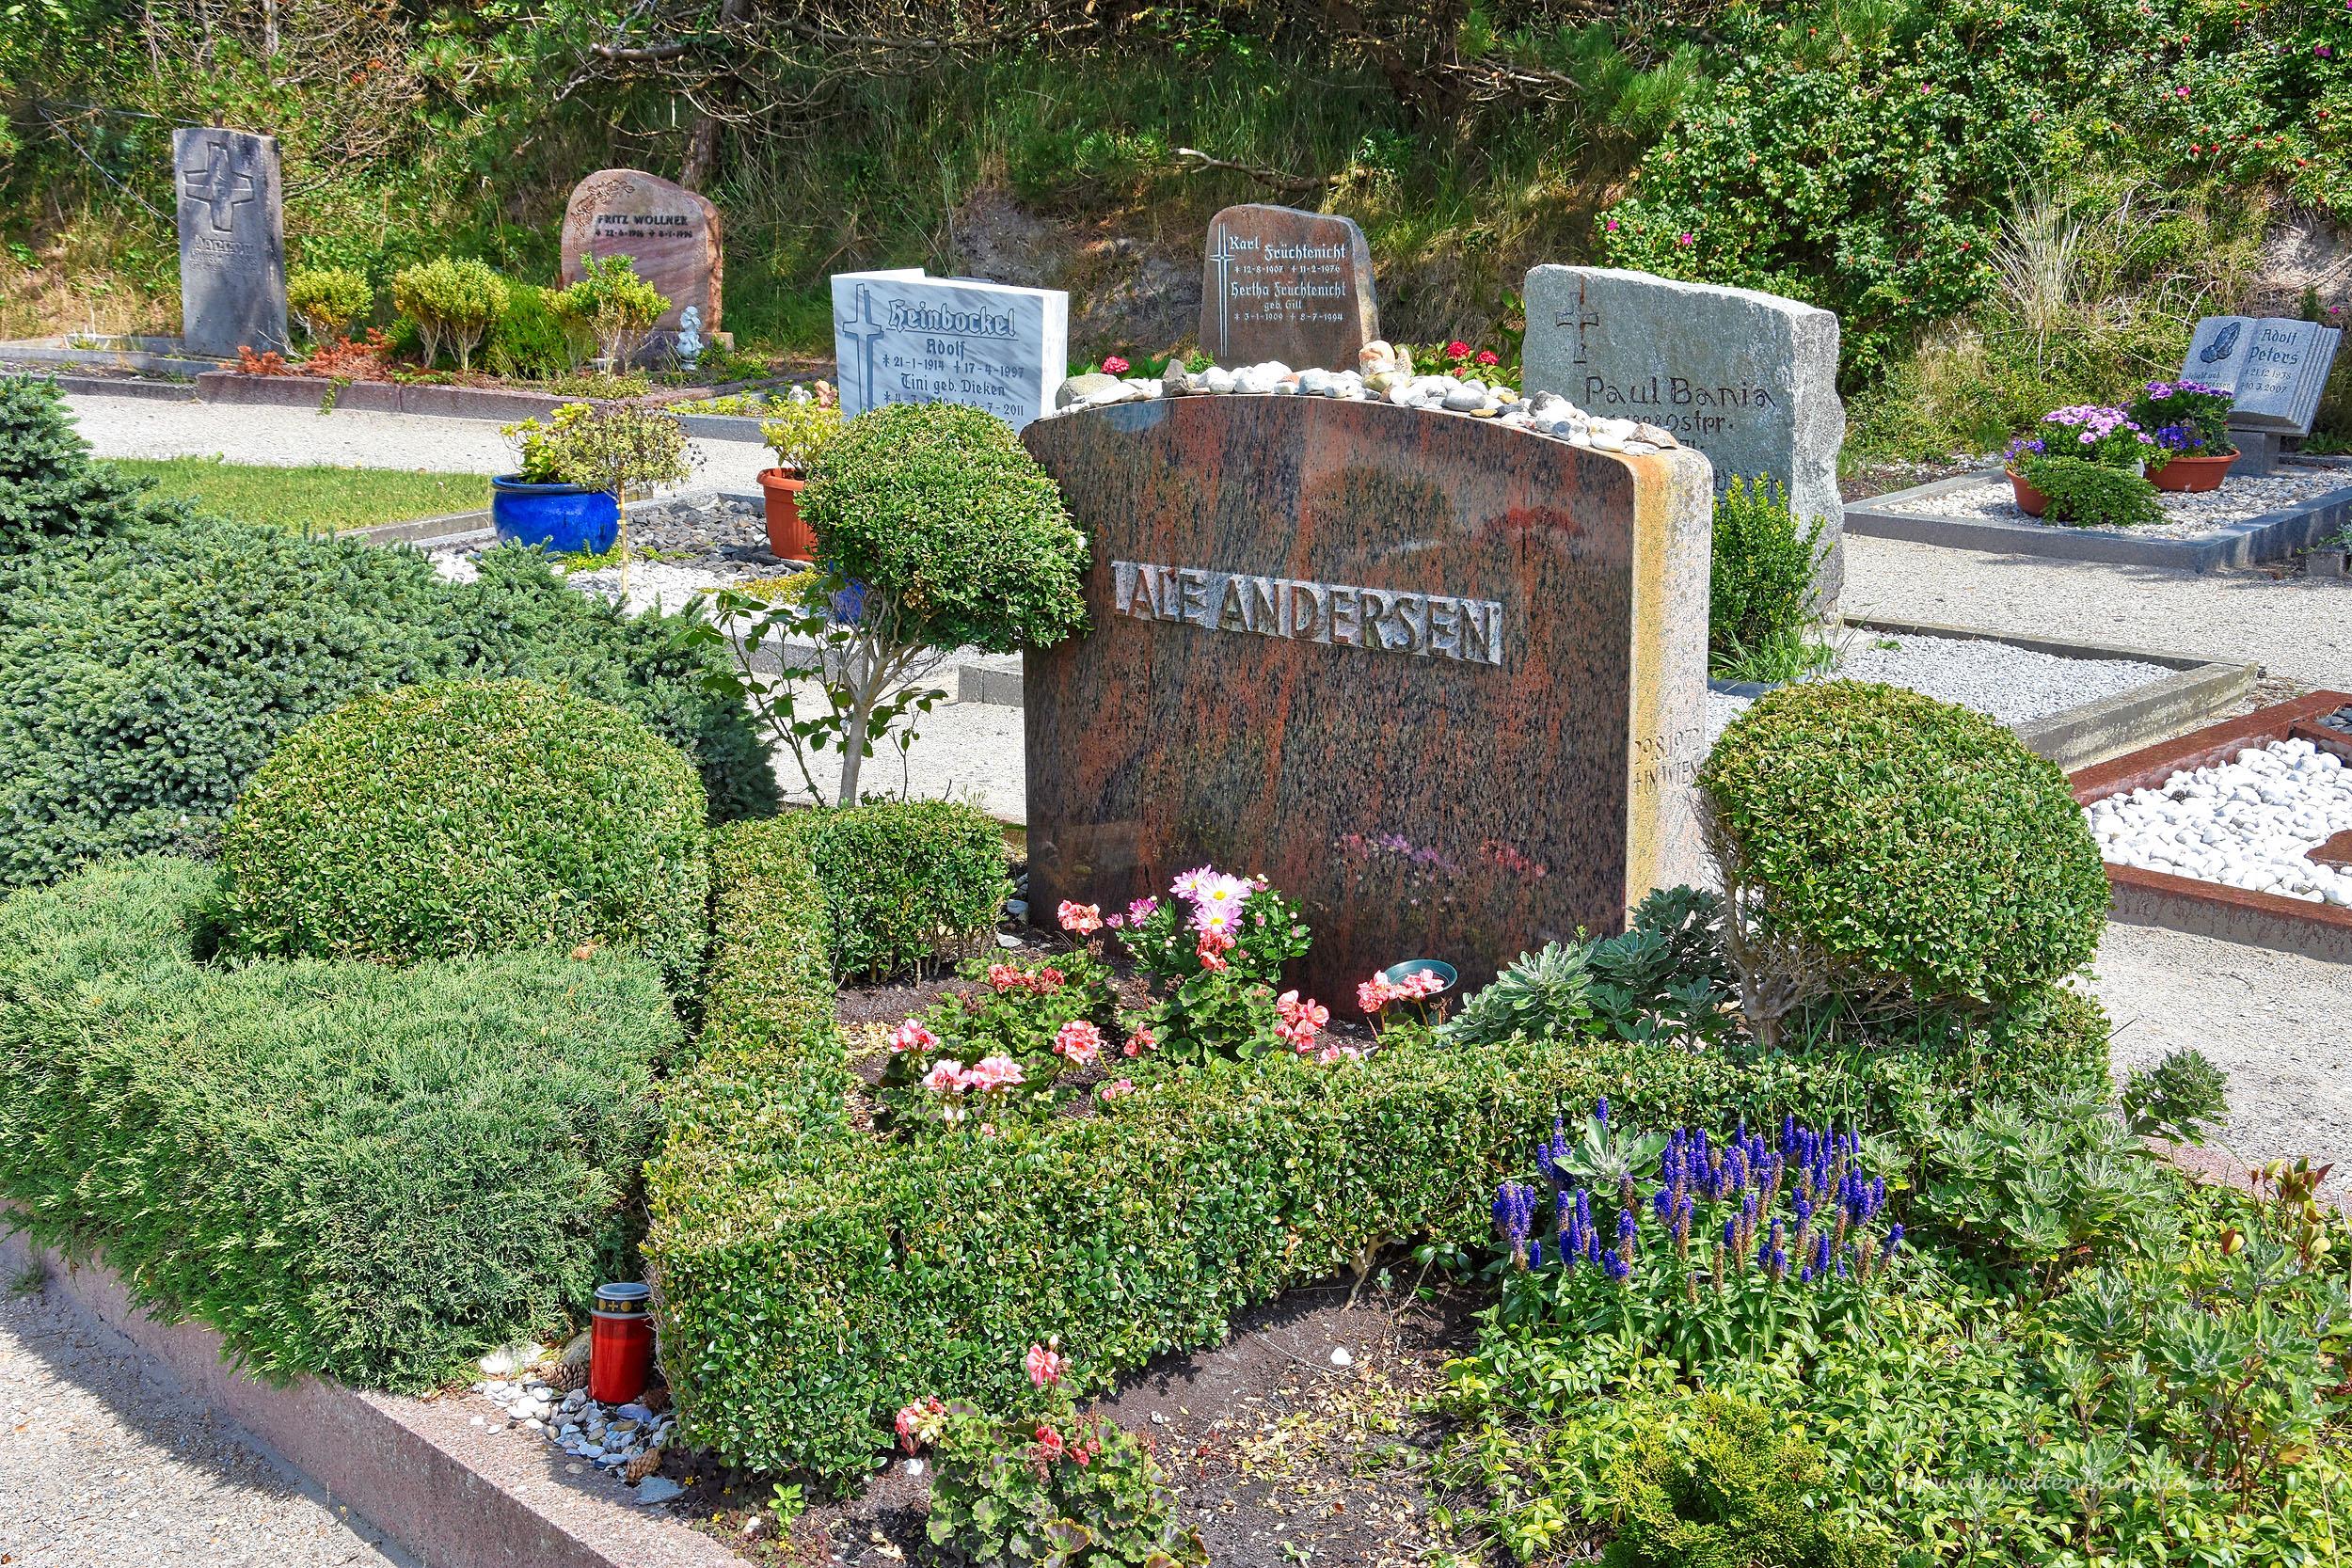 Das Grab von Lale Andersen